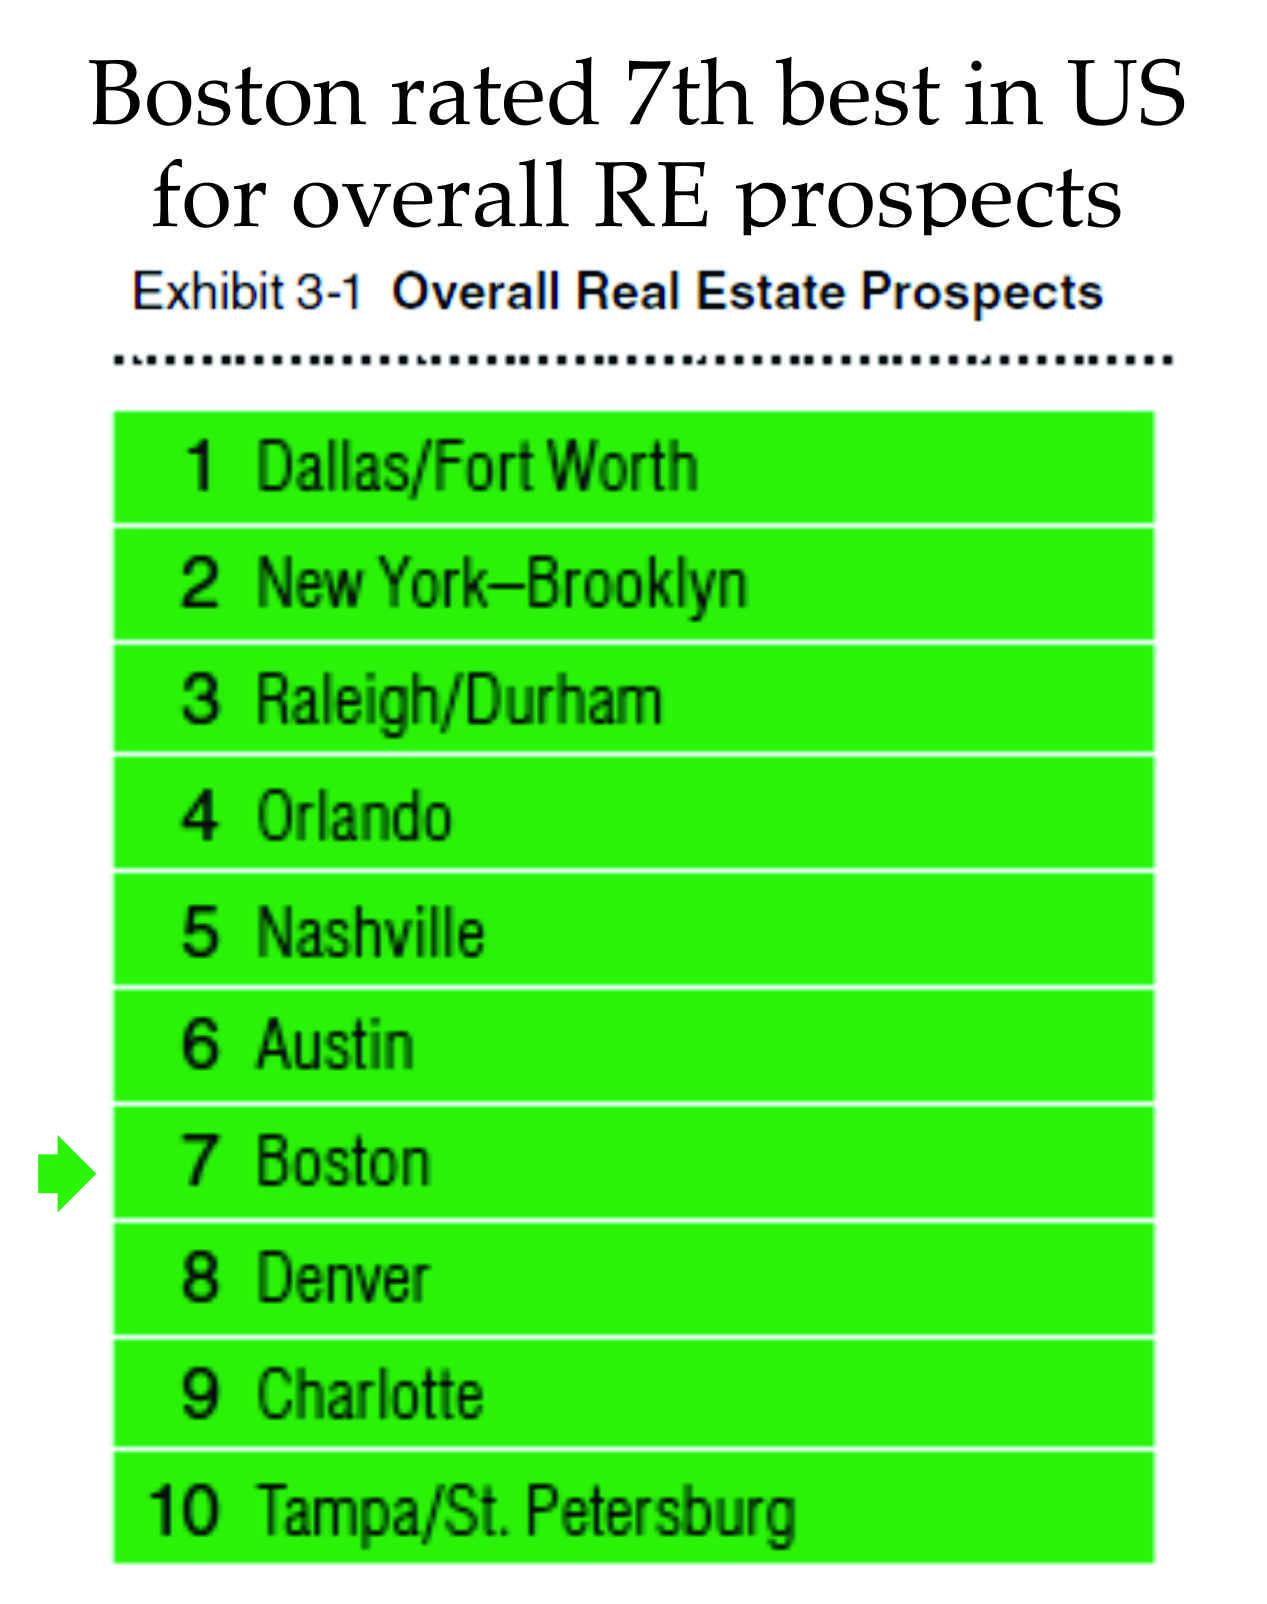 ULI report 2018 Boston real estate